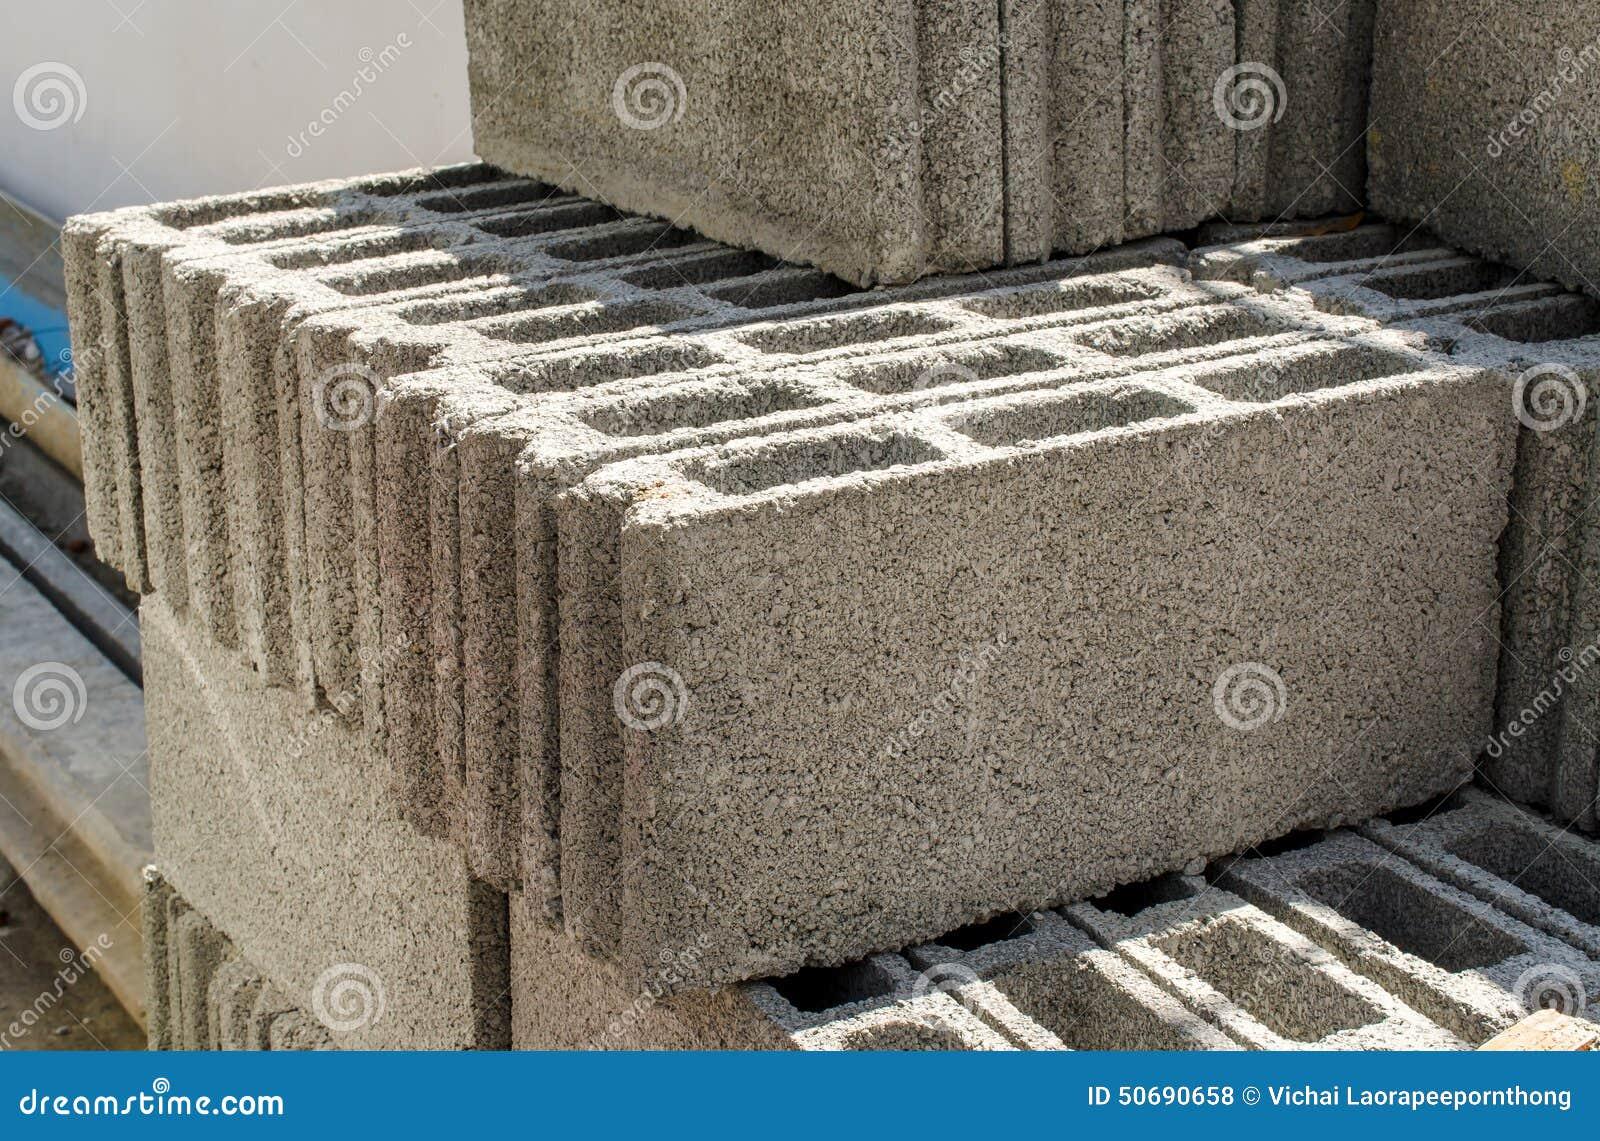 Download 灰色具体建筑块 库存照片. 图片 包括有 建筑, 布琼布拉, grunge, 封锁, 岩石, 灰色, 模式 - 50690658